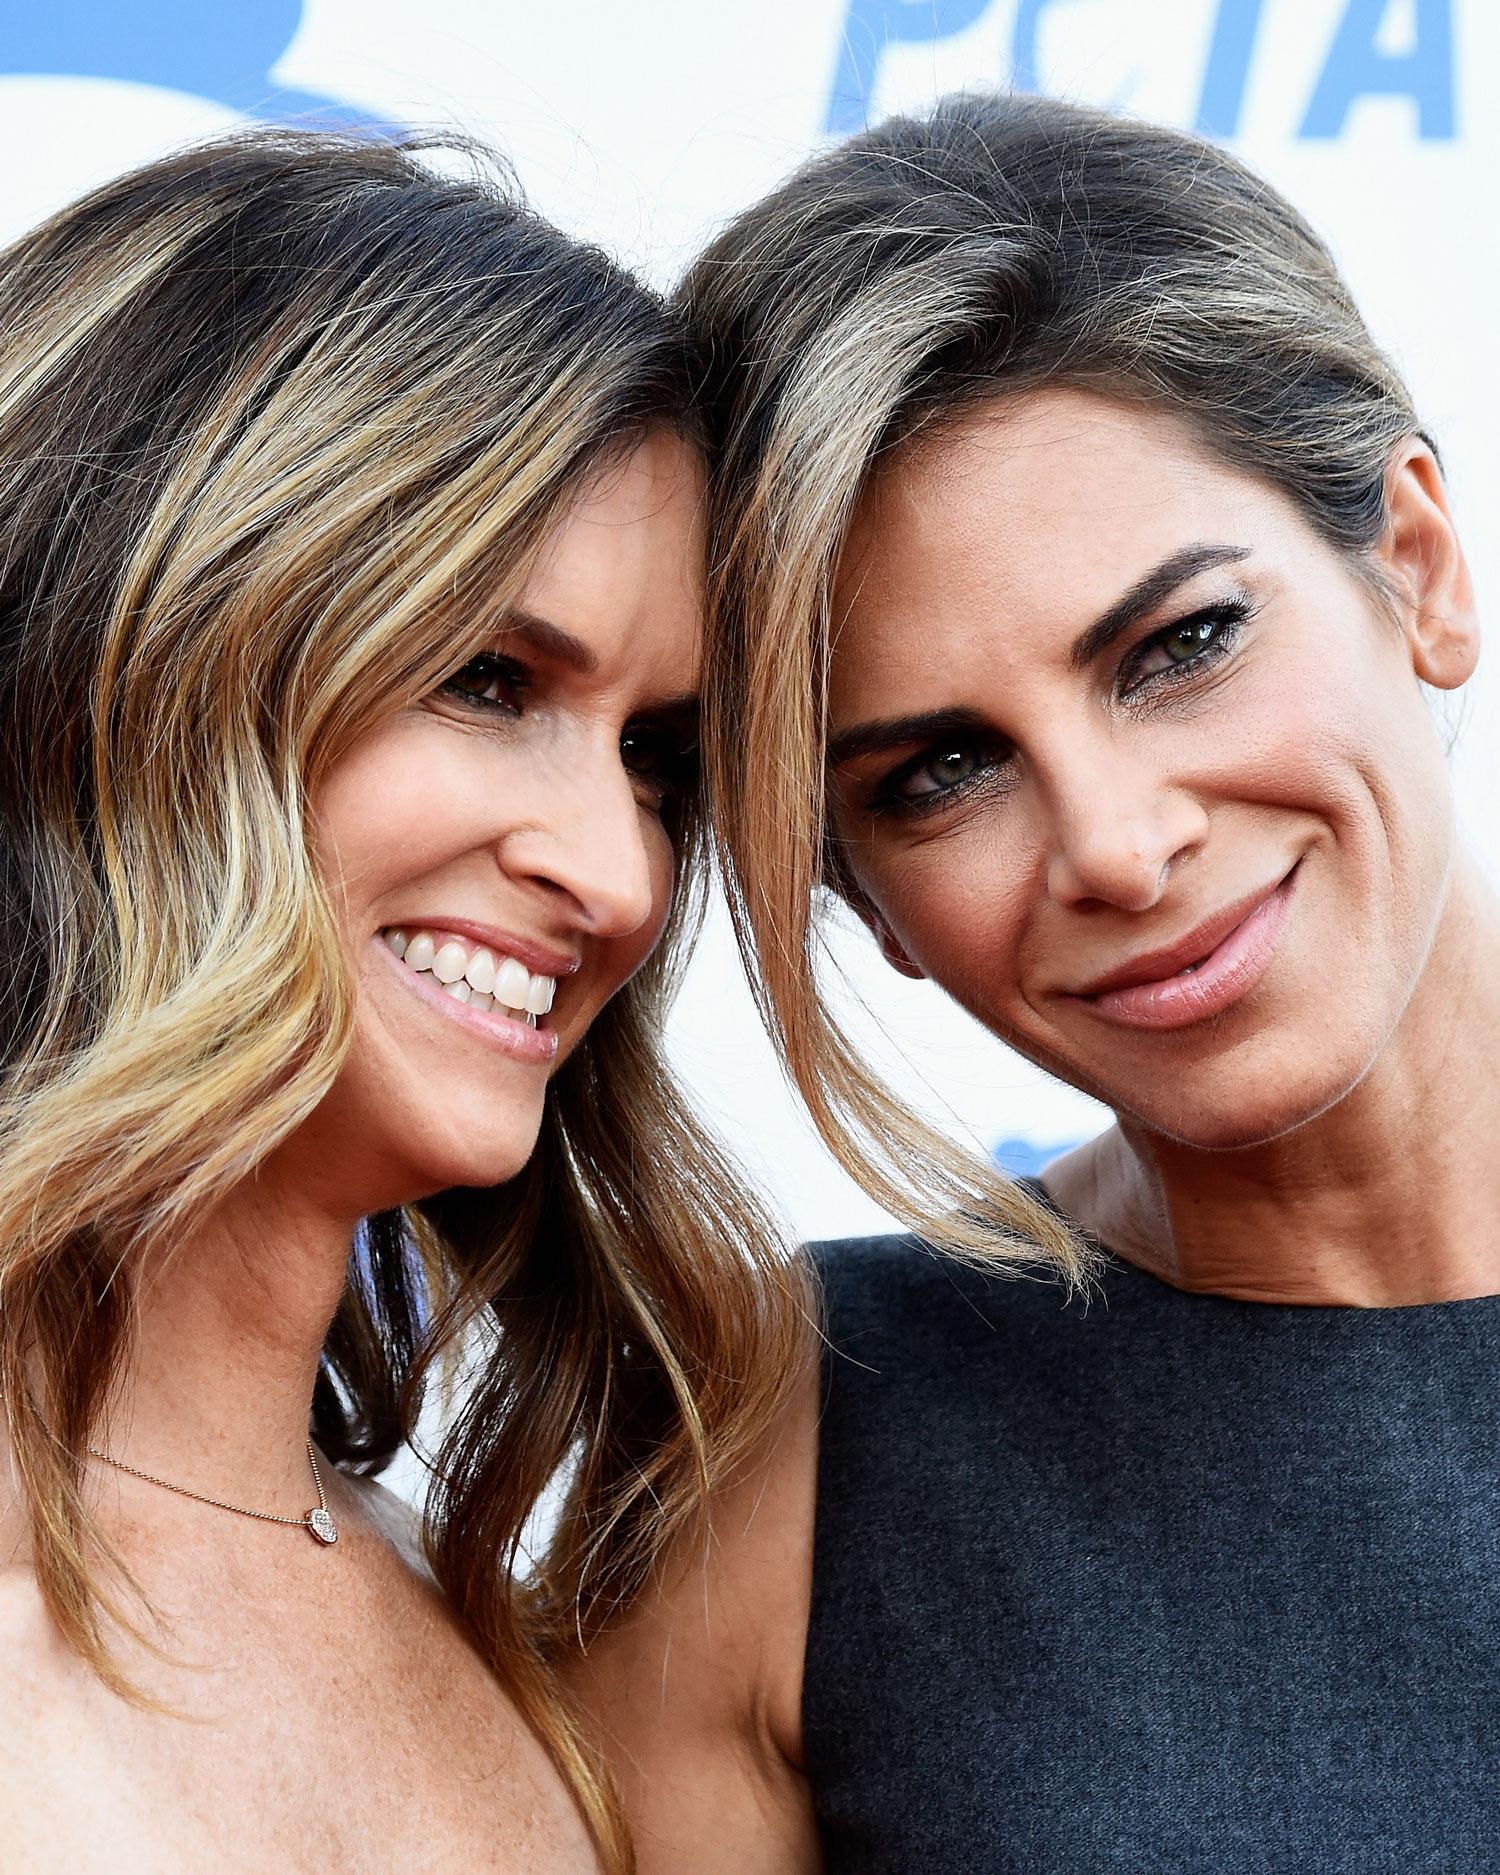 celebrity-couple-jillian-michaels-heidi-rhoades-0316.jpg